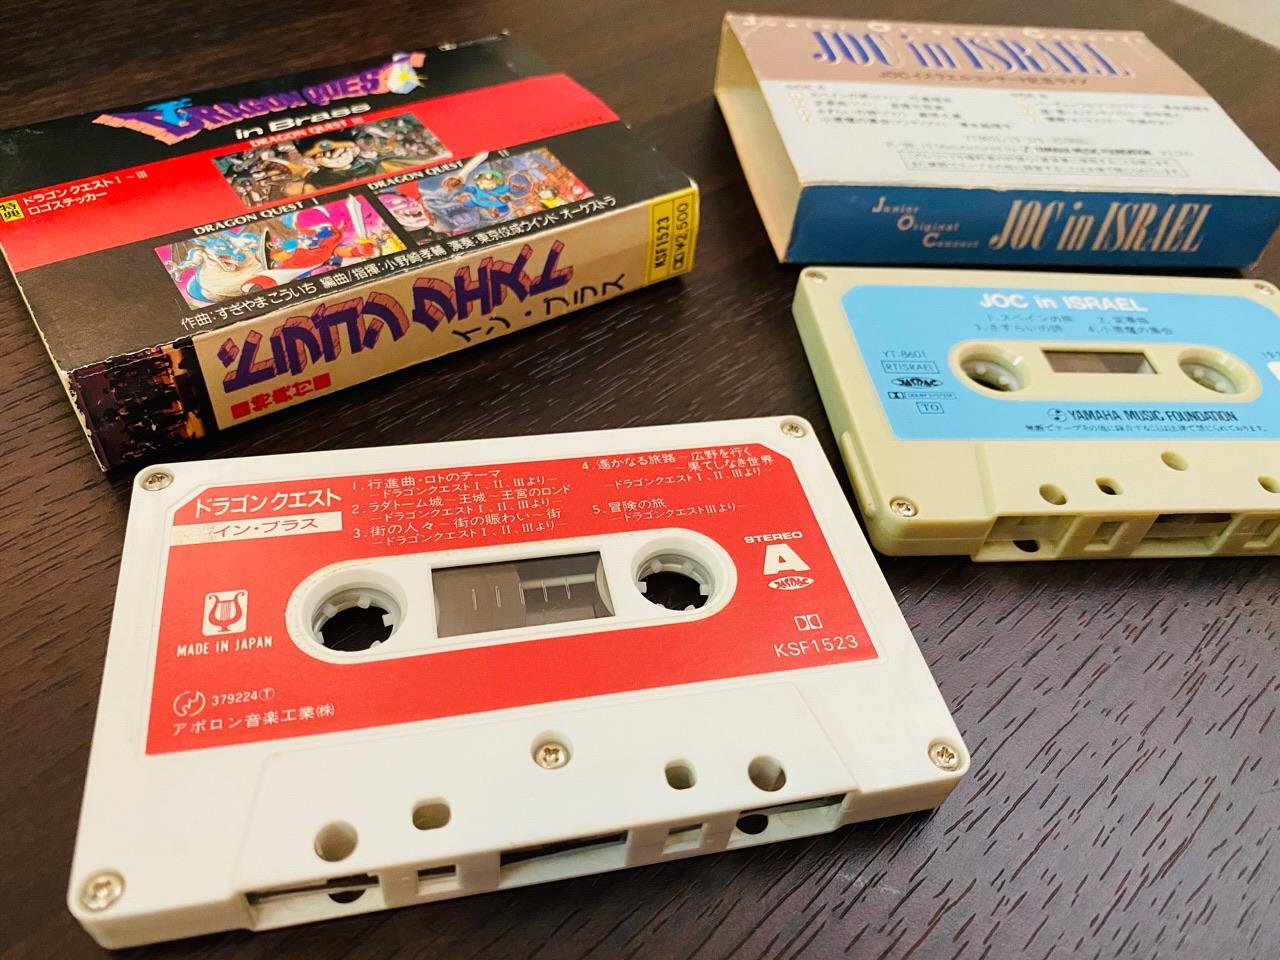 30年前のカセットテープは伸びてしまった感じで音が外れて聞こえる (´∀`;) https://t.co/rCvPxIwaiU